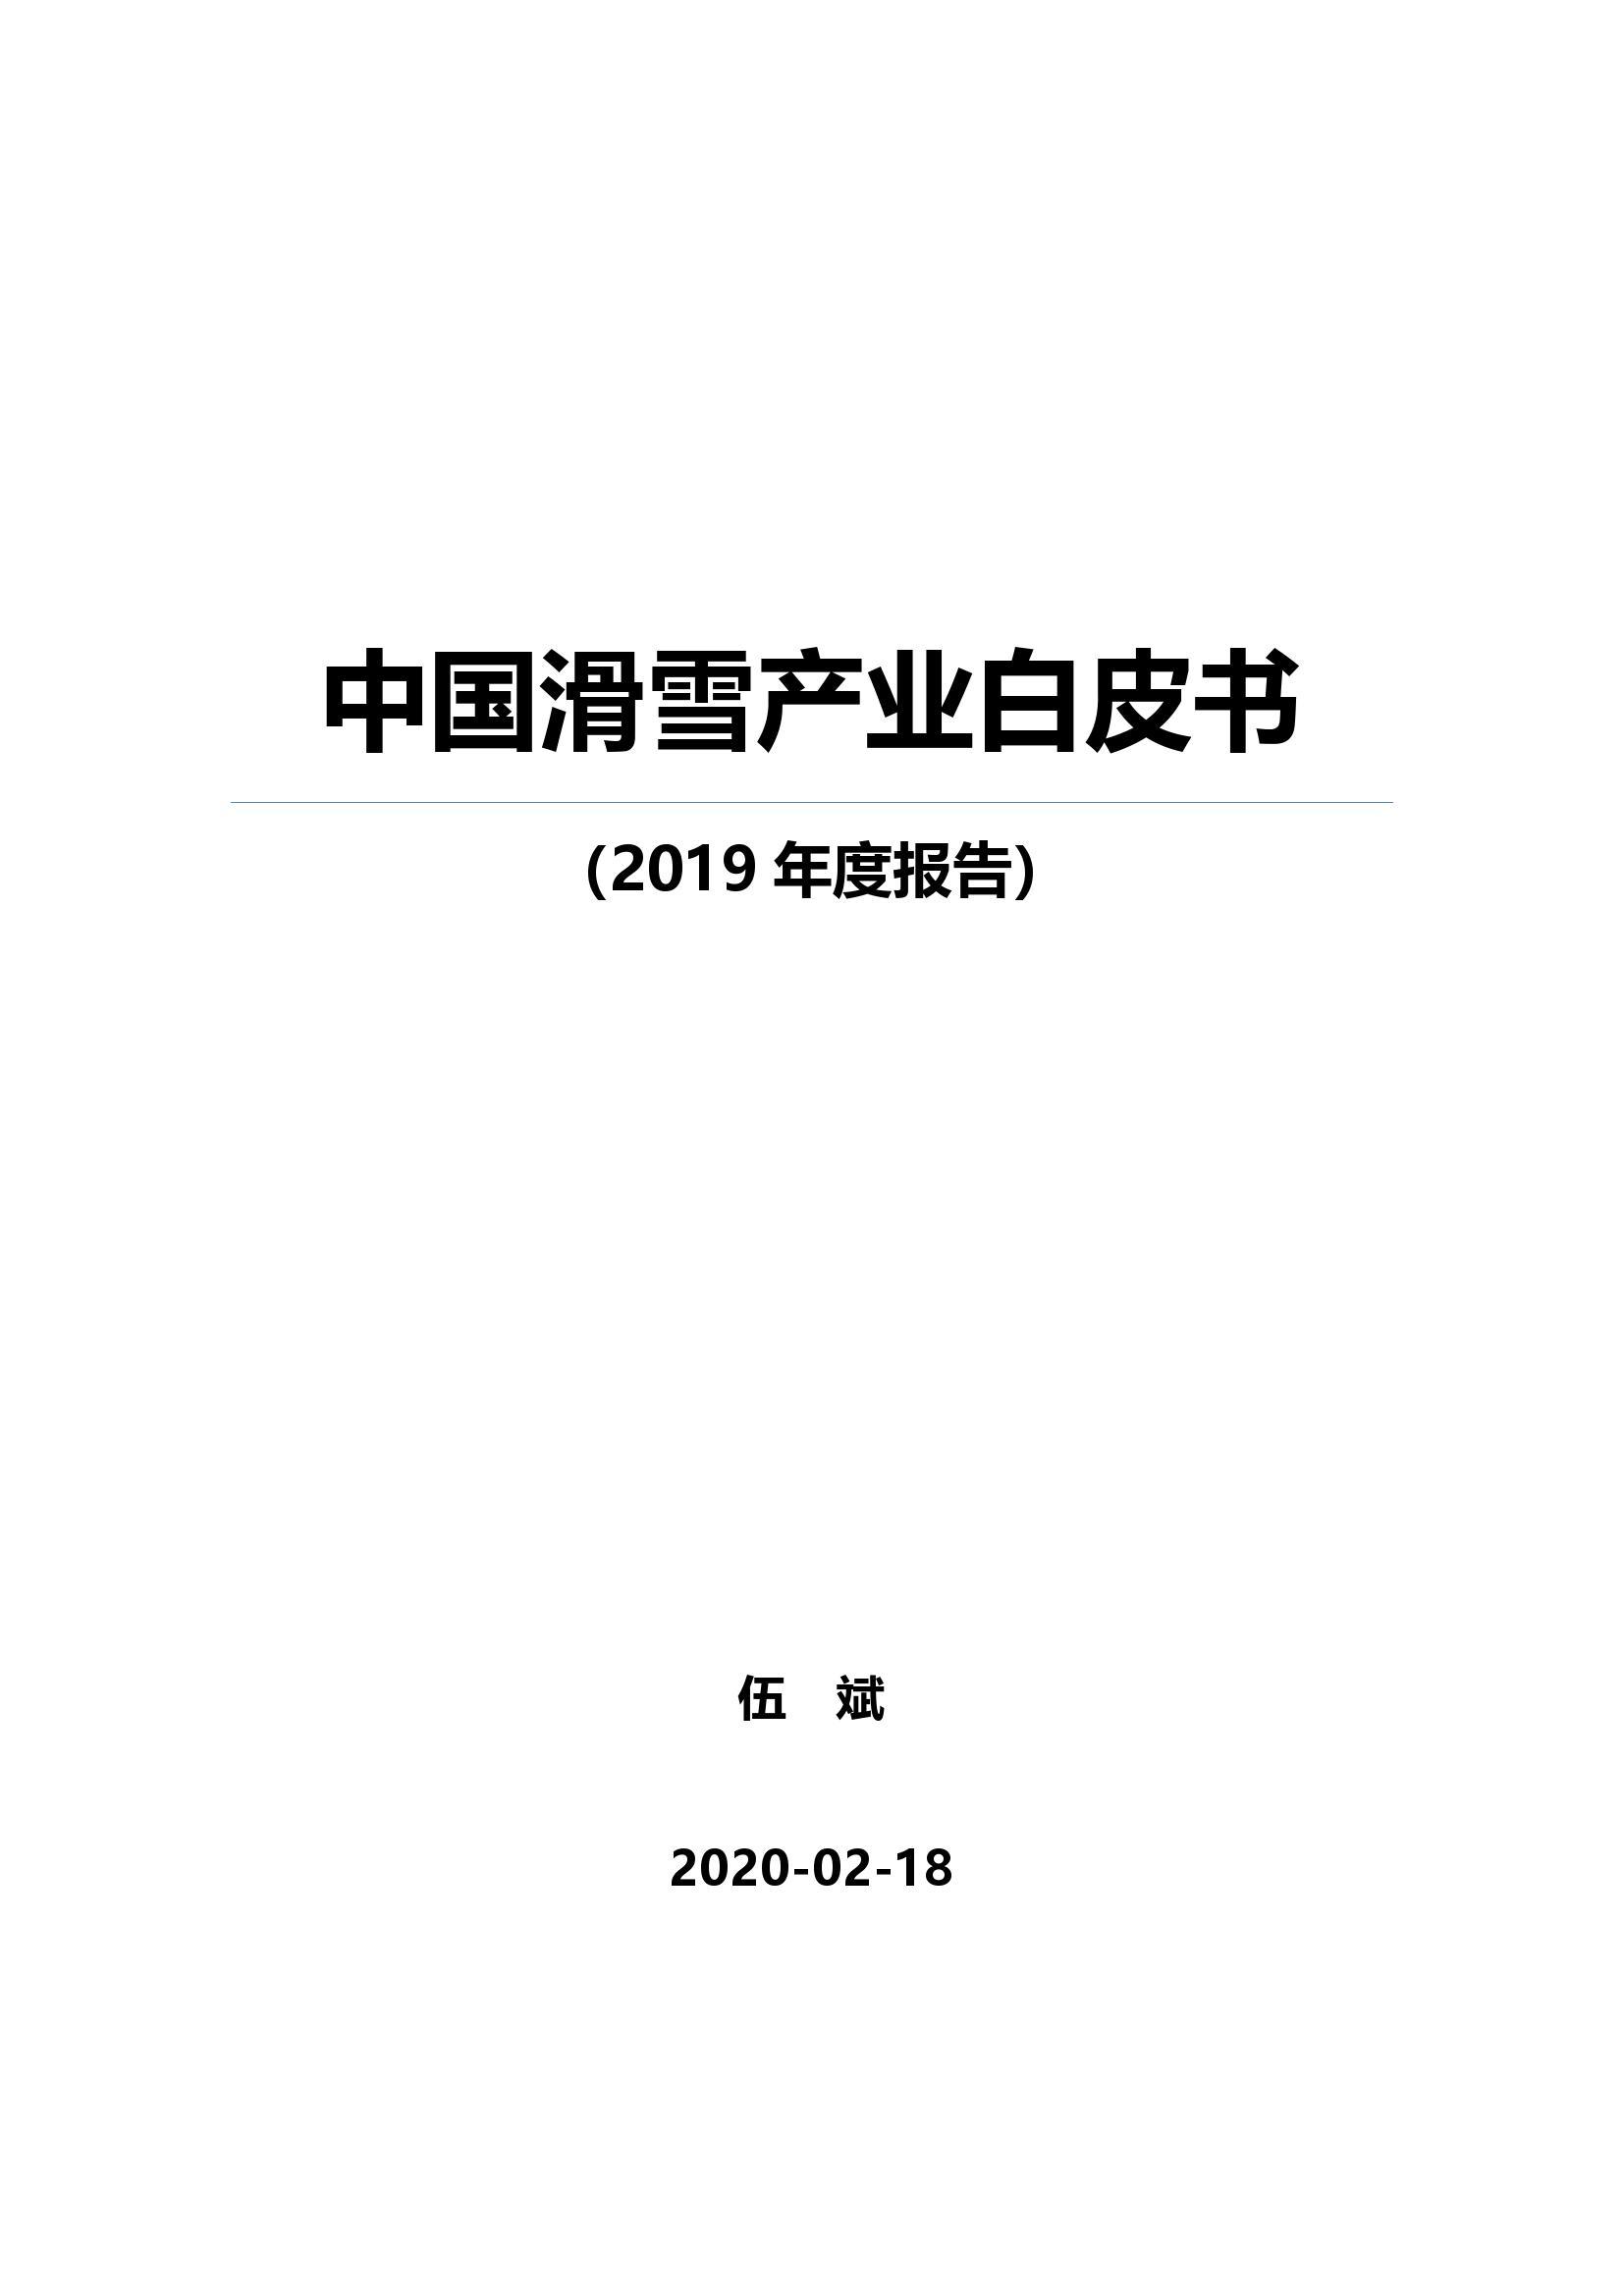 伍斌:2019年中国滑雪产业白皮书(附下载)